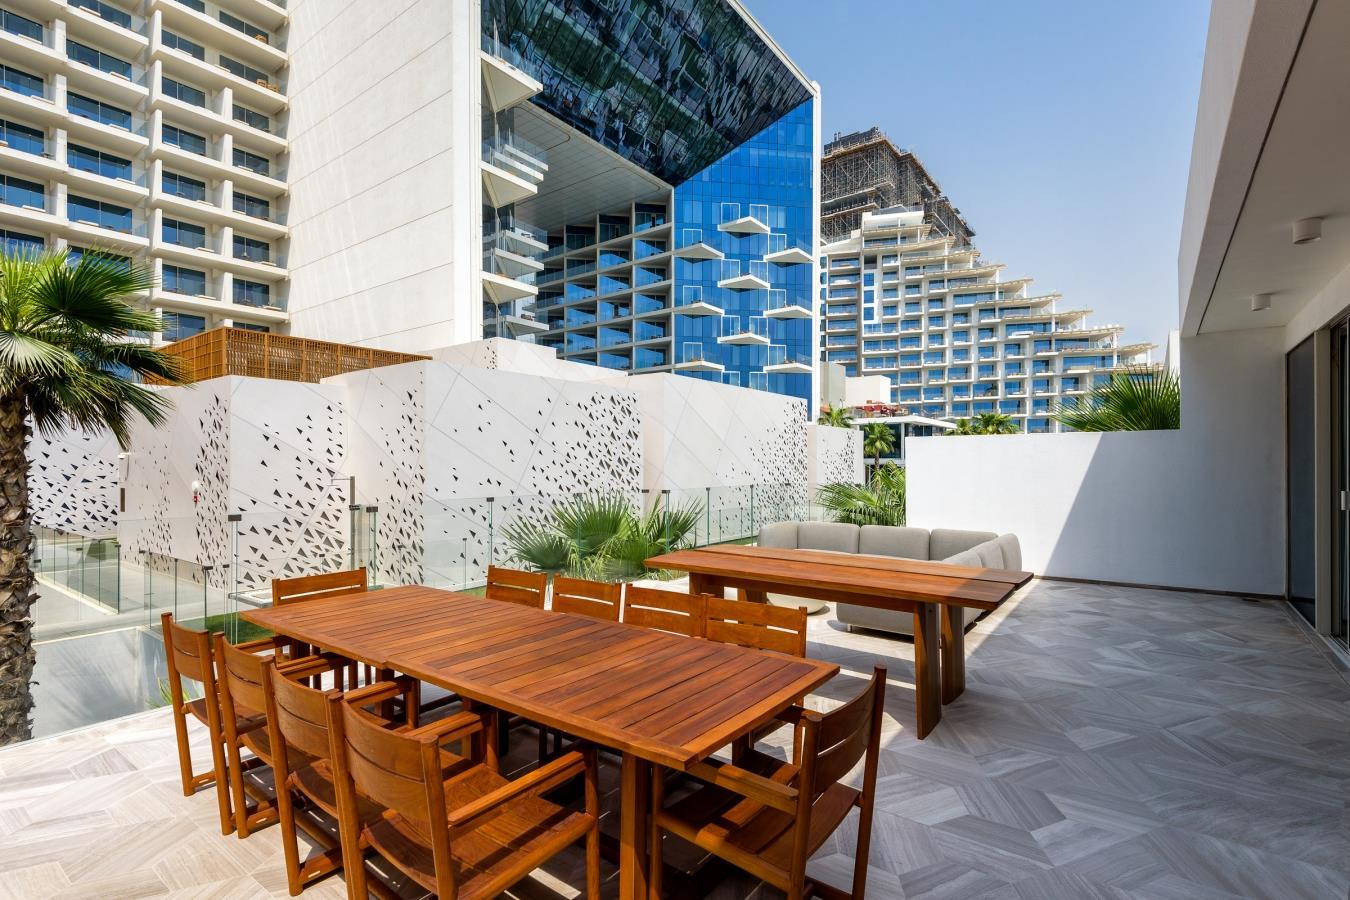 Luxury Hotel Living Private Beach Villa